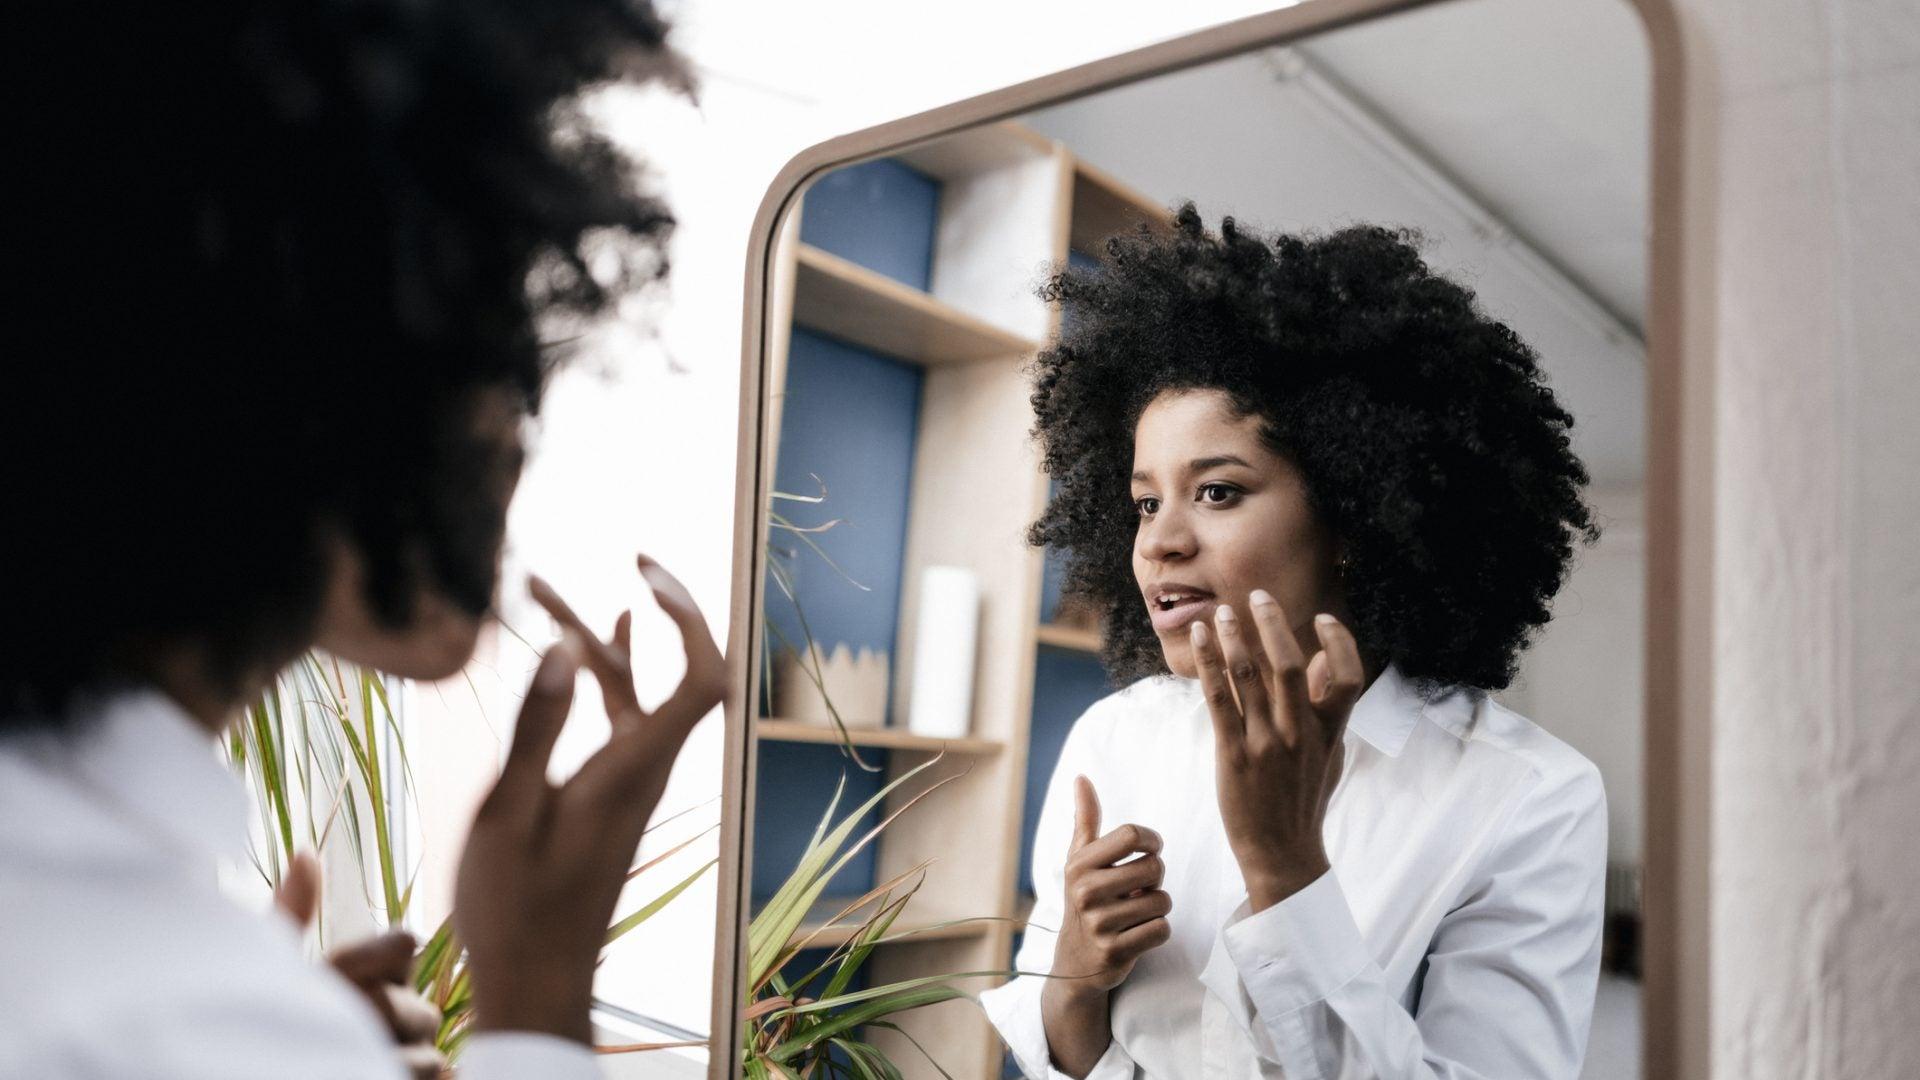 Aveeno Launches Skin Health Startup Accelerator For Black Female Entrepreneurs